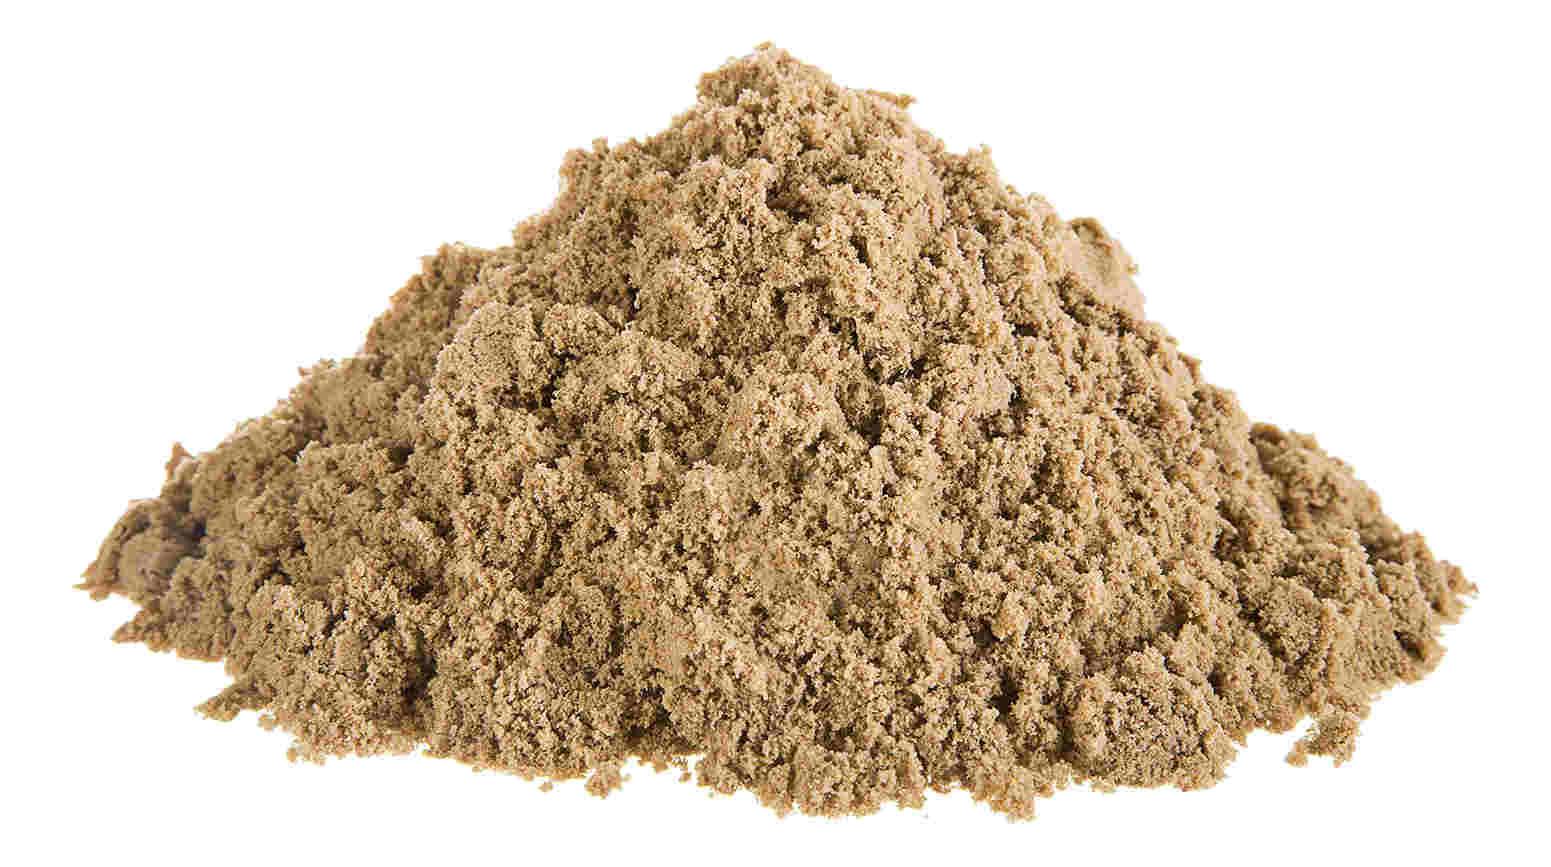 Намывной песок в Санкт-Петербурге и ЛО